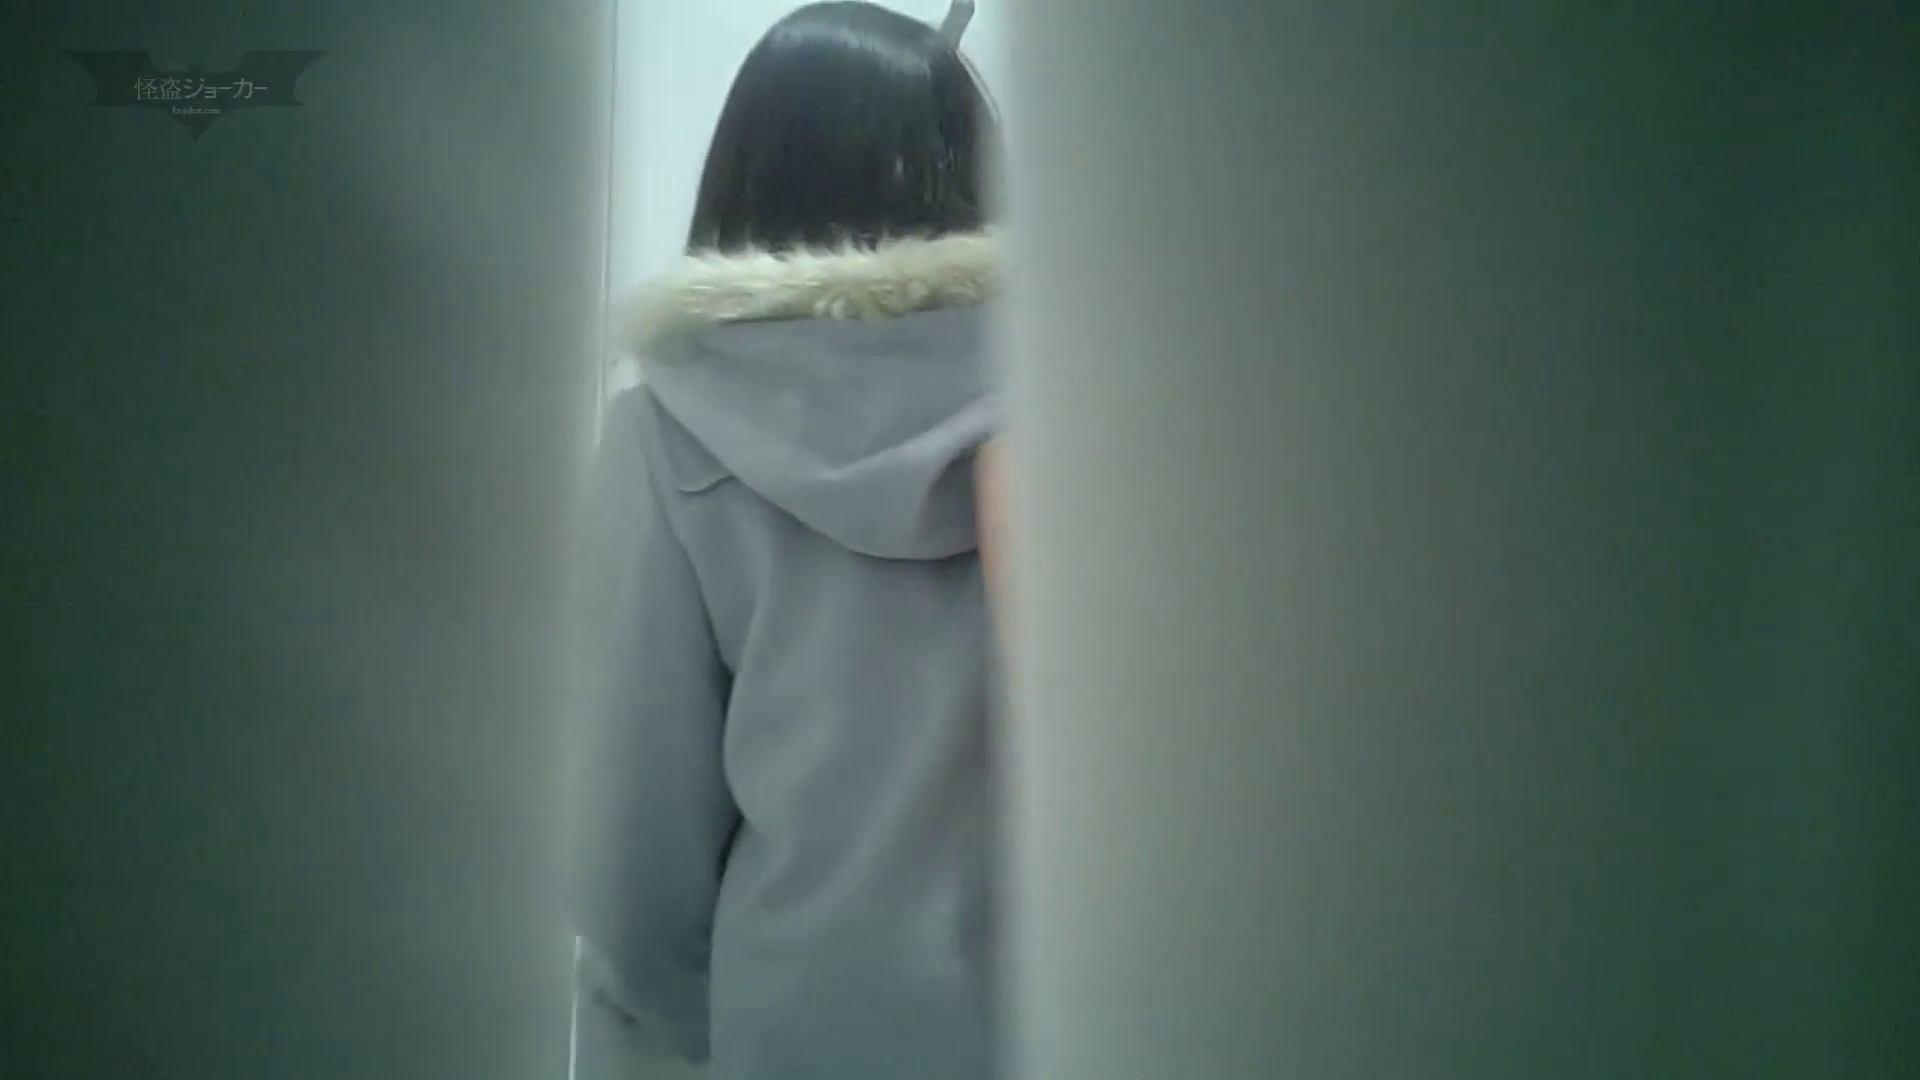 有名大学女性洗面所 vol.57 S級美女マルチアングル撮り!! 高画質 ワレメ無修正動画無料 80枚 55